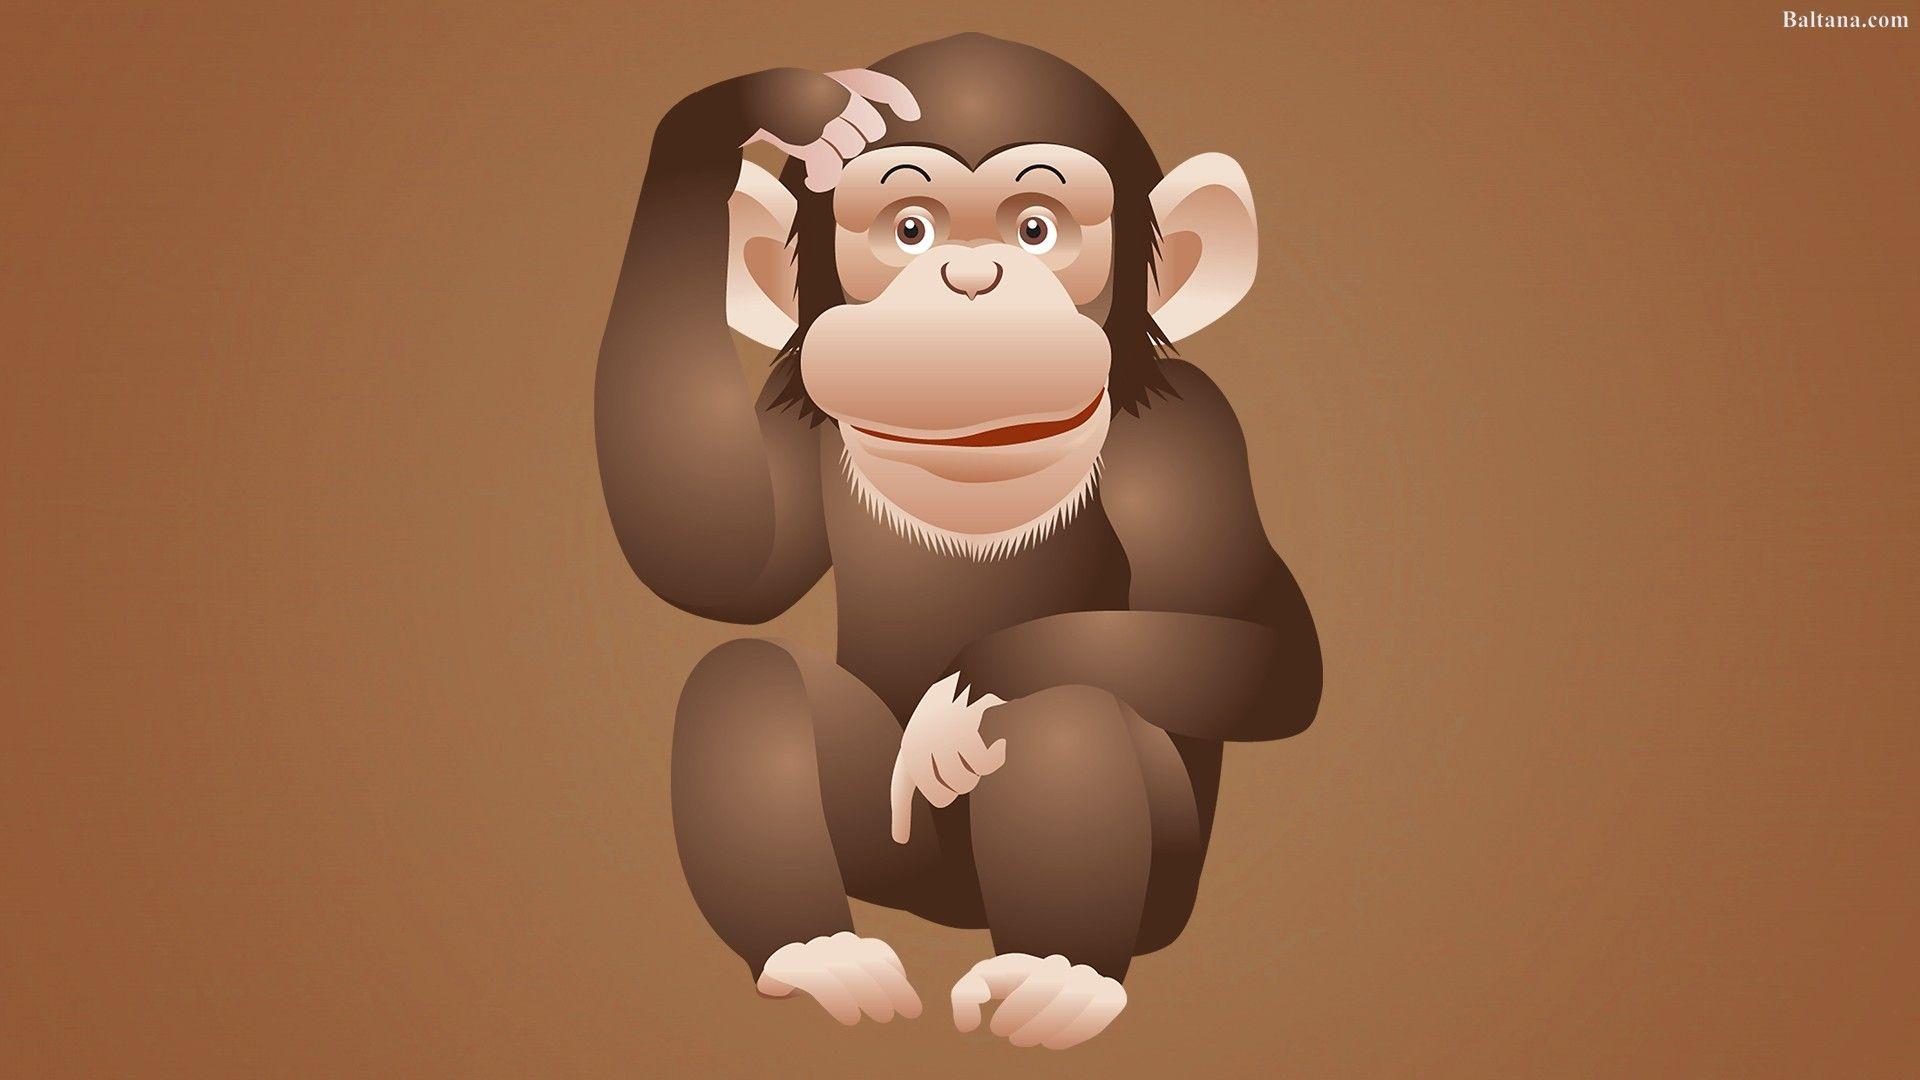 गौरैया और बंदर की कहानी Monkey And Bird Story In Hindi